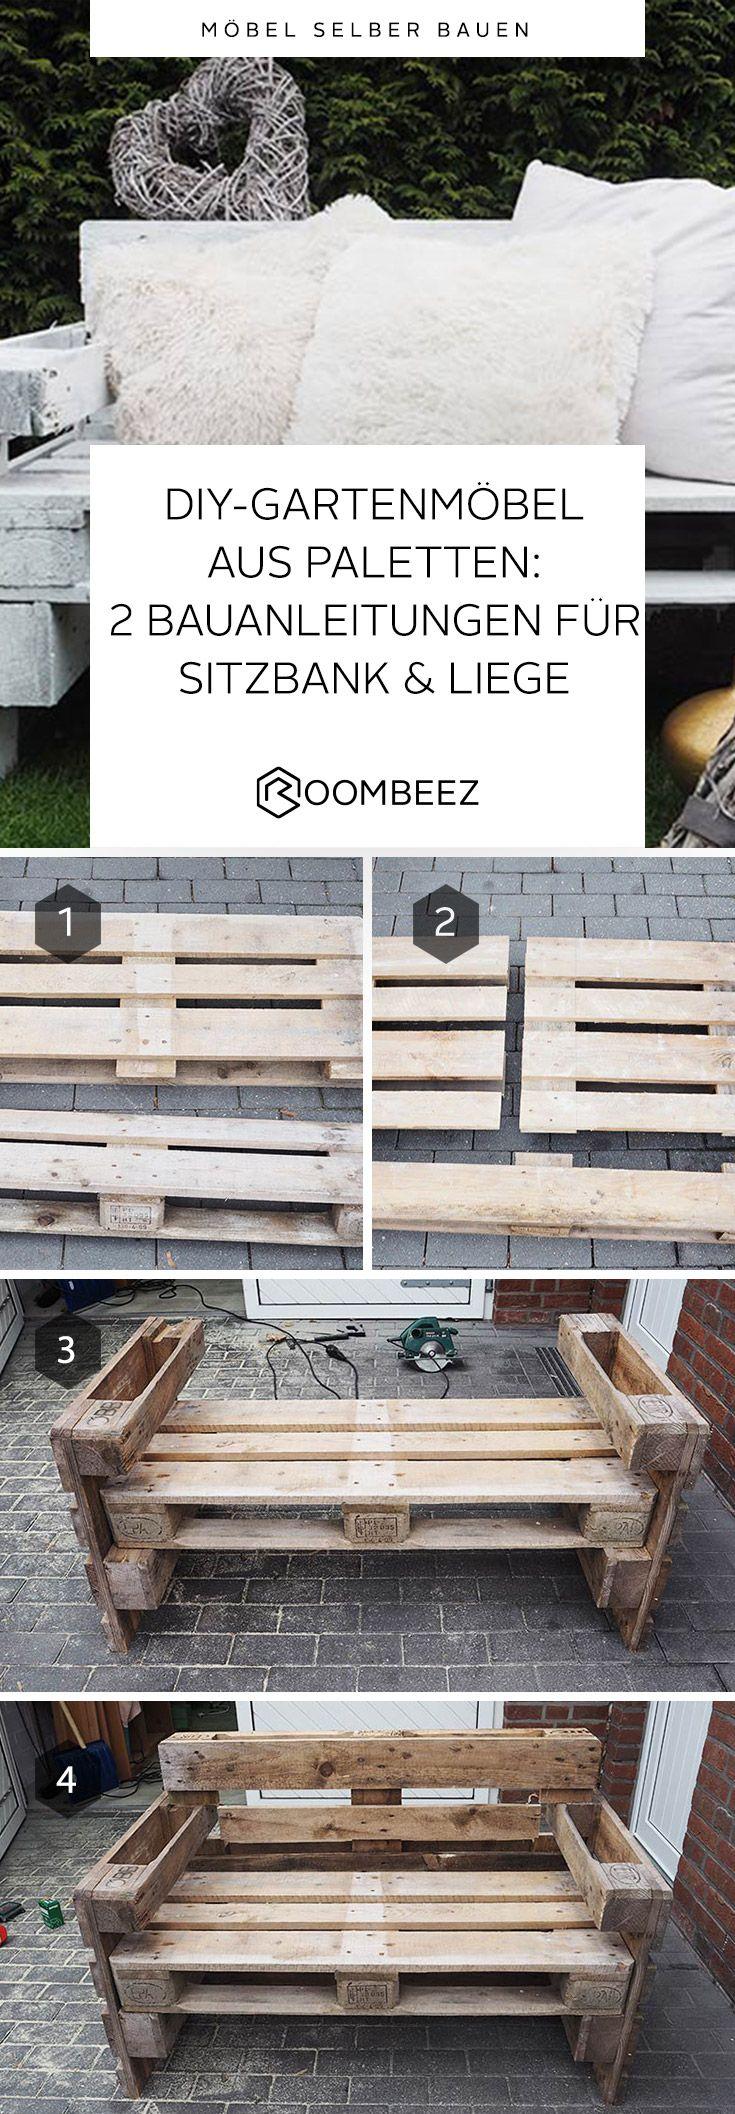 2 DIY Anleitungen: Gartenmöbel aus Paletten